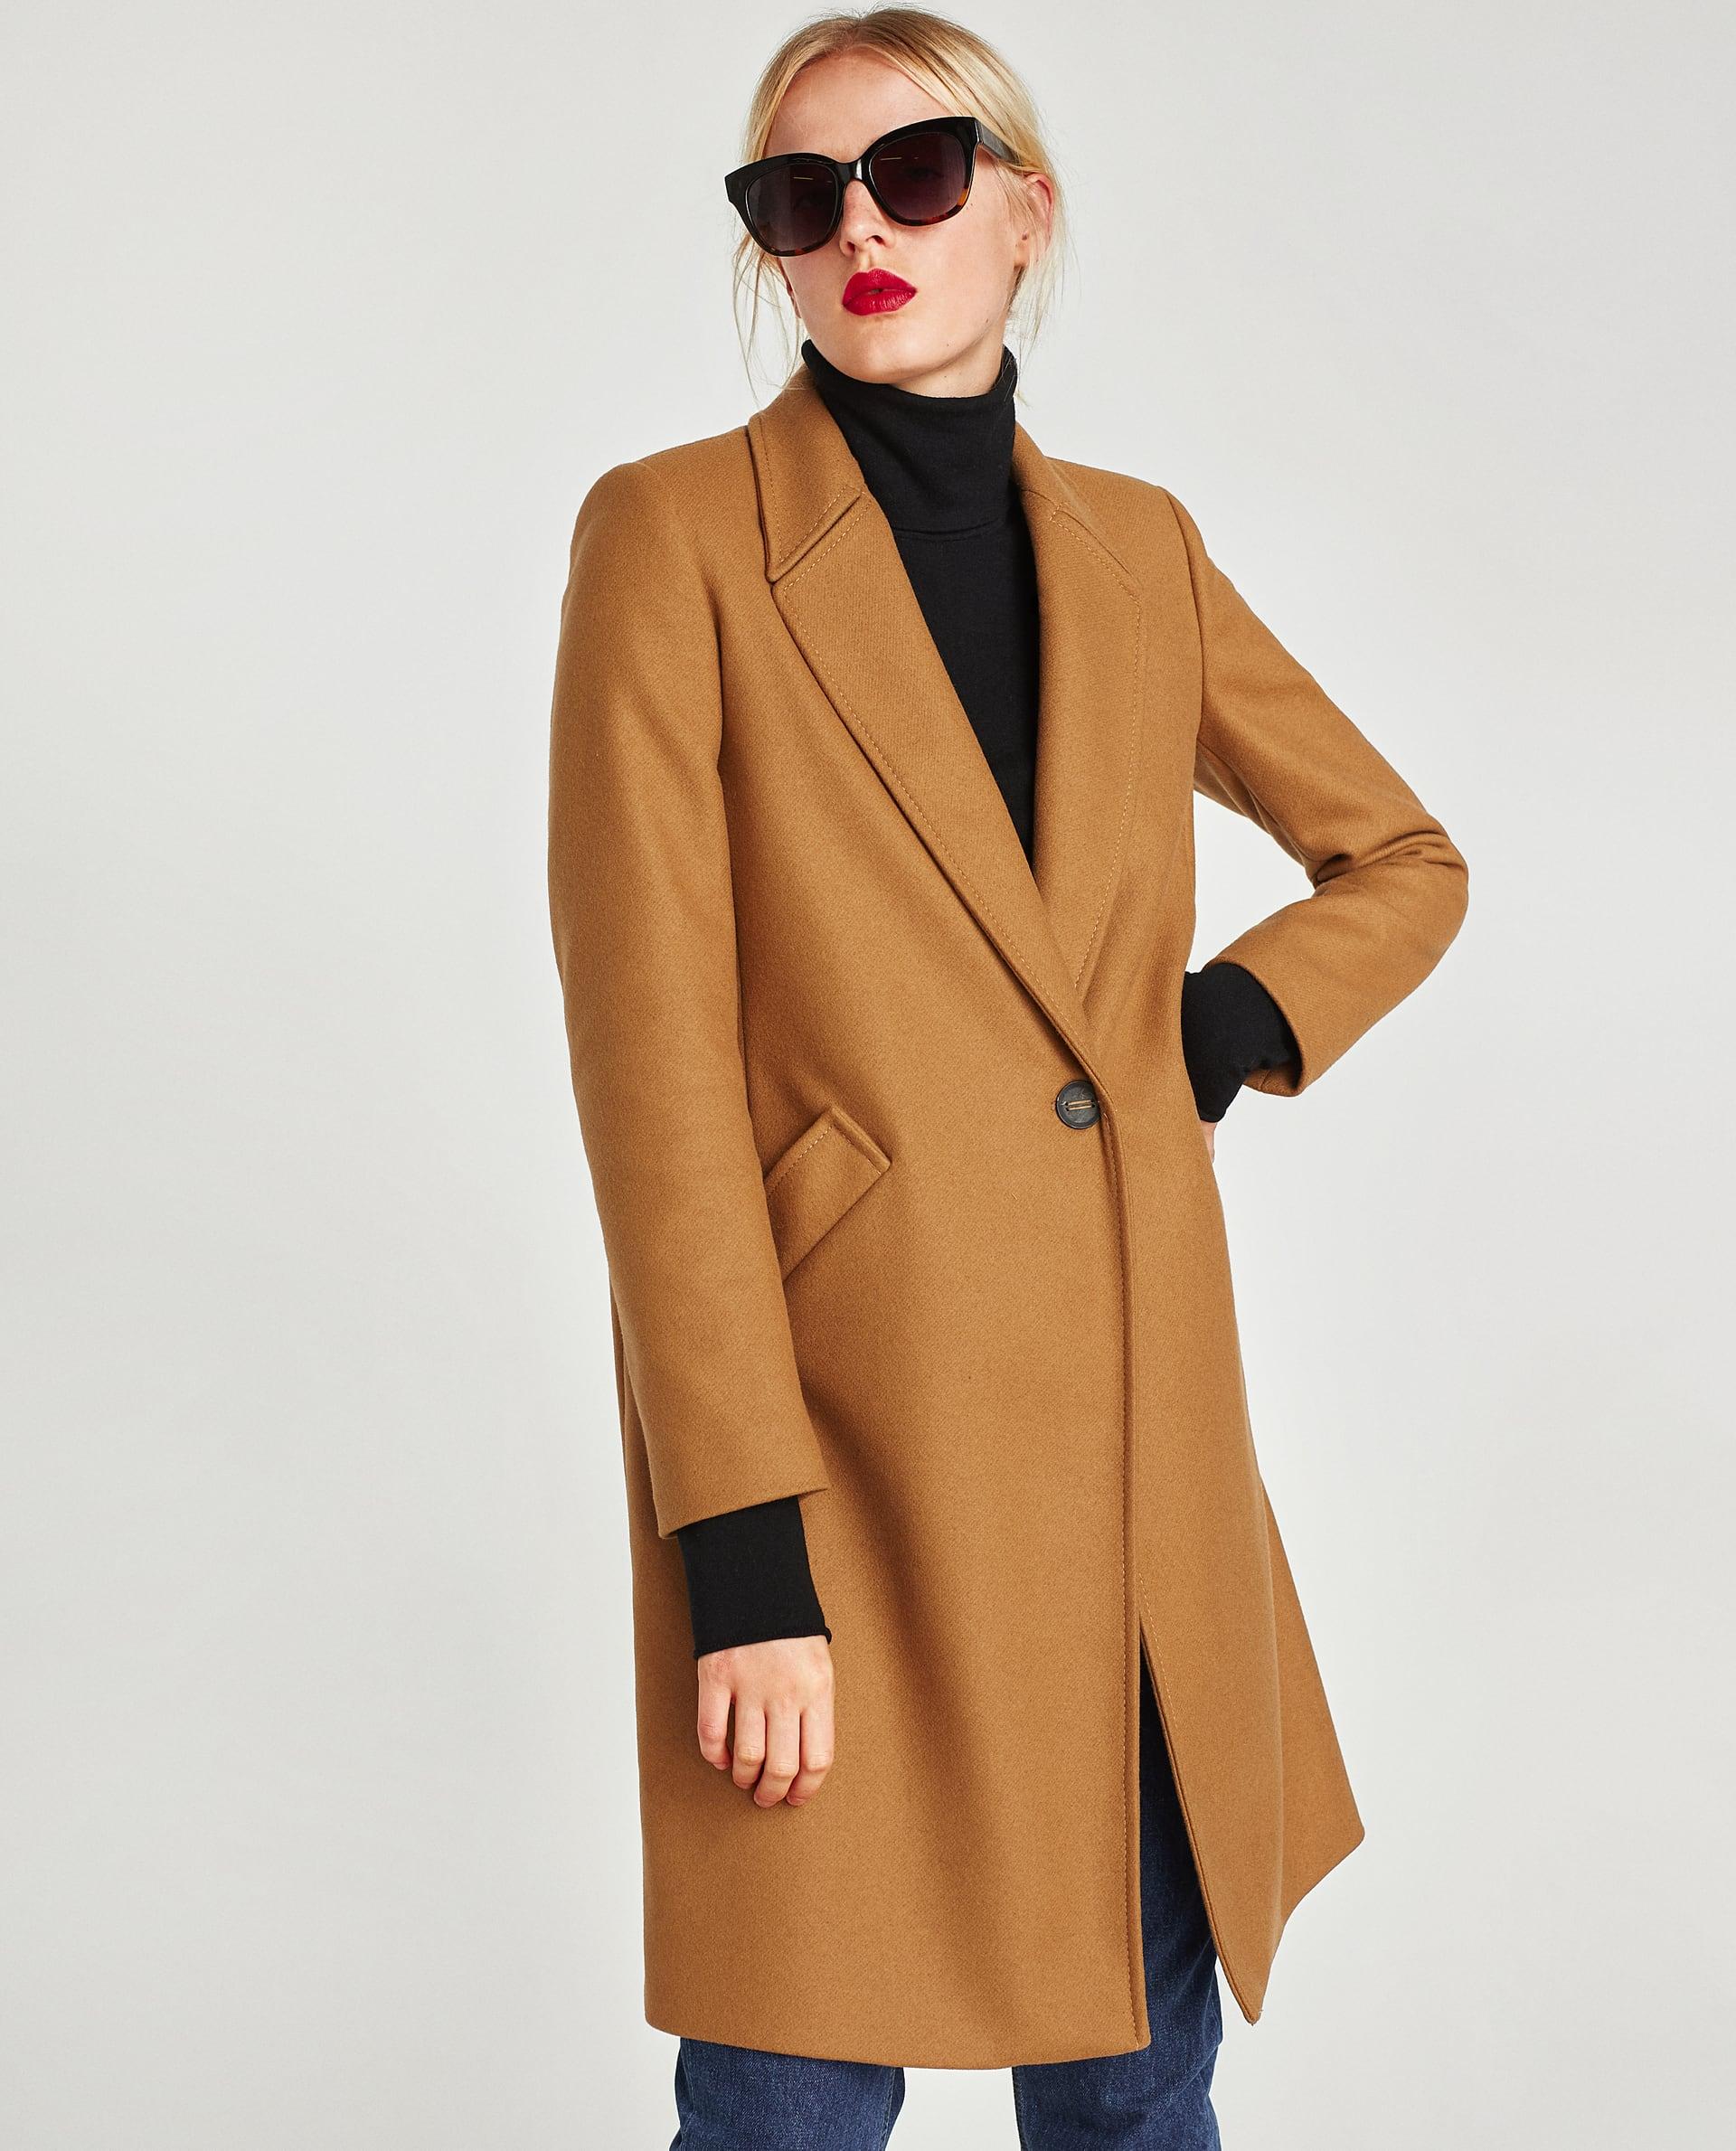 70290cd26e5 Must have! Kabát v barvě velbloudí srsti - Ženy Dívky